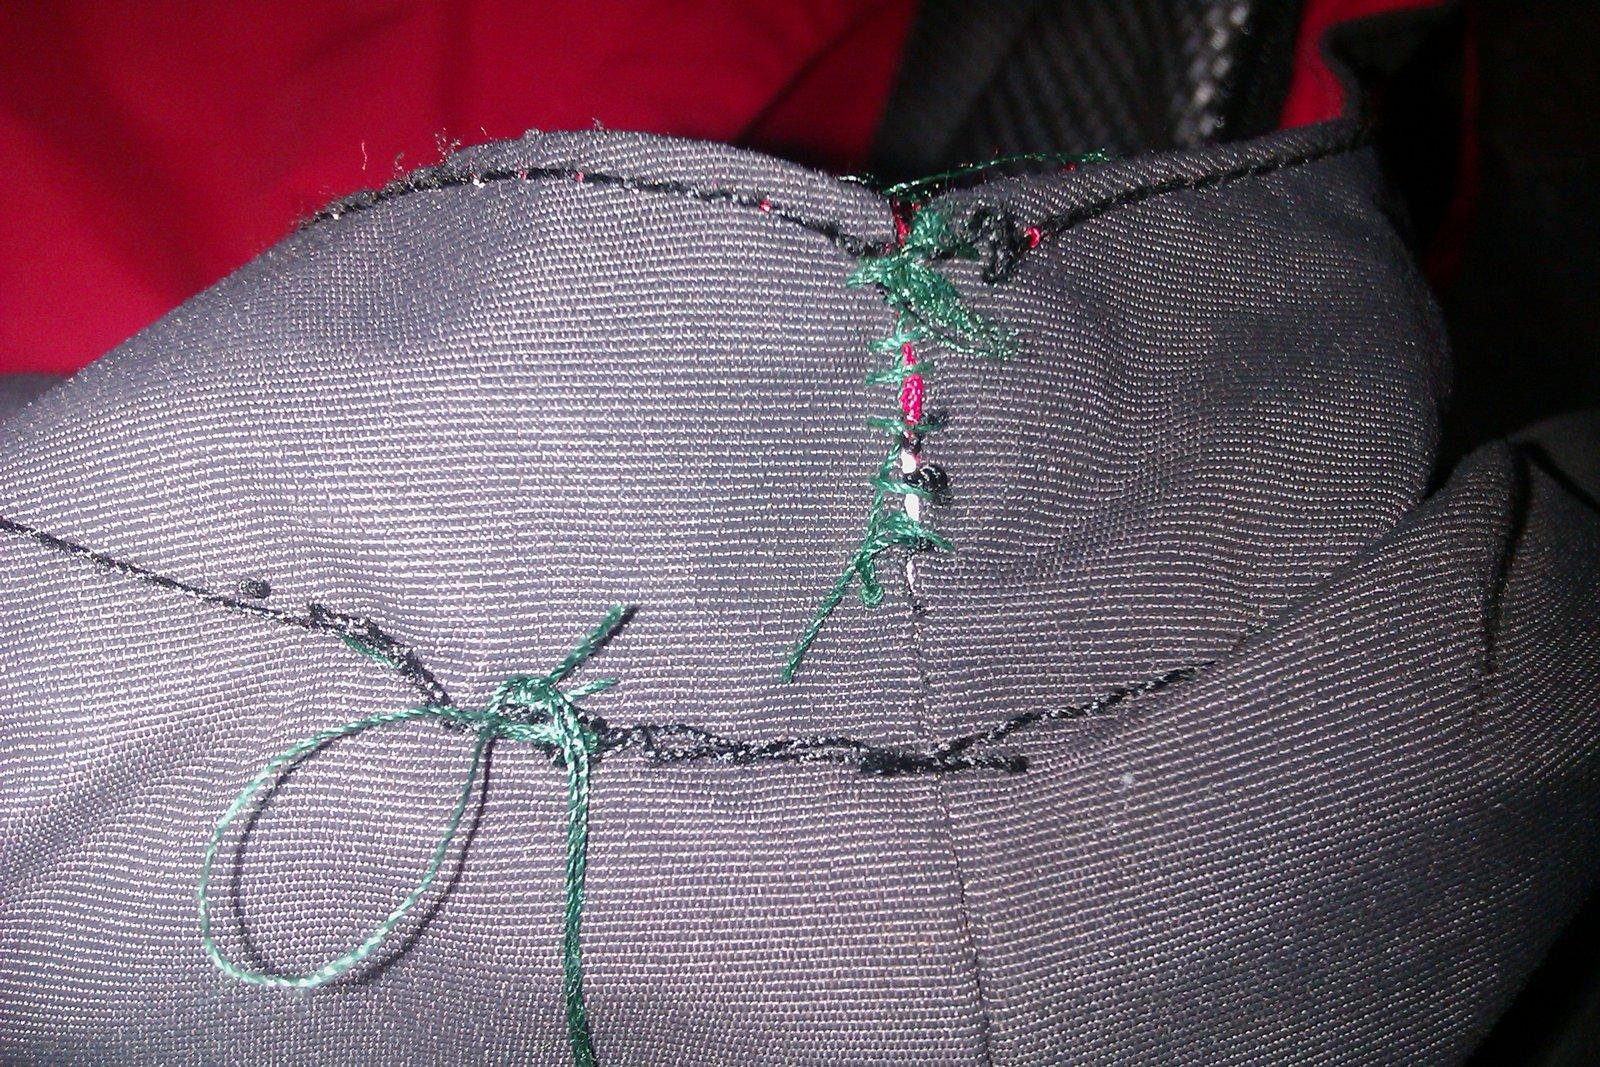 Outside stitching